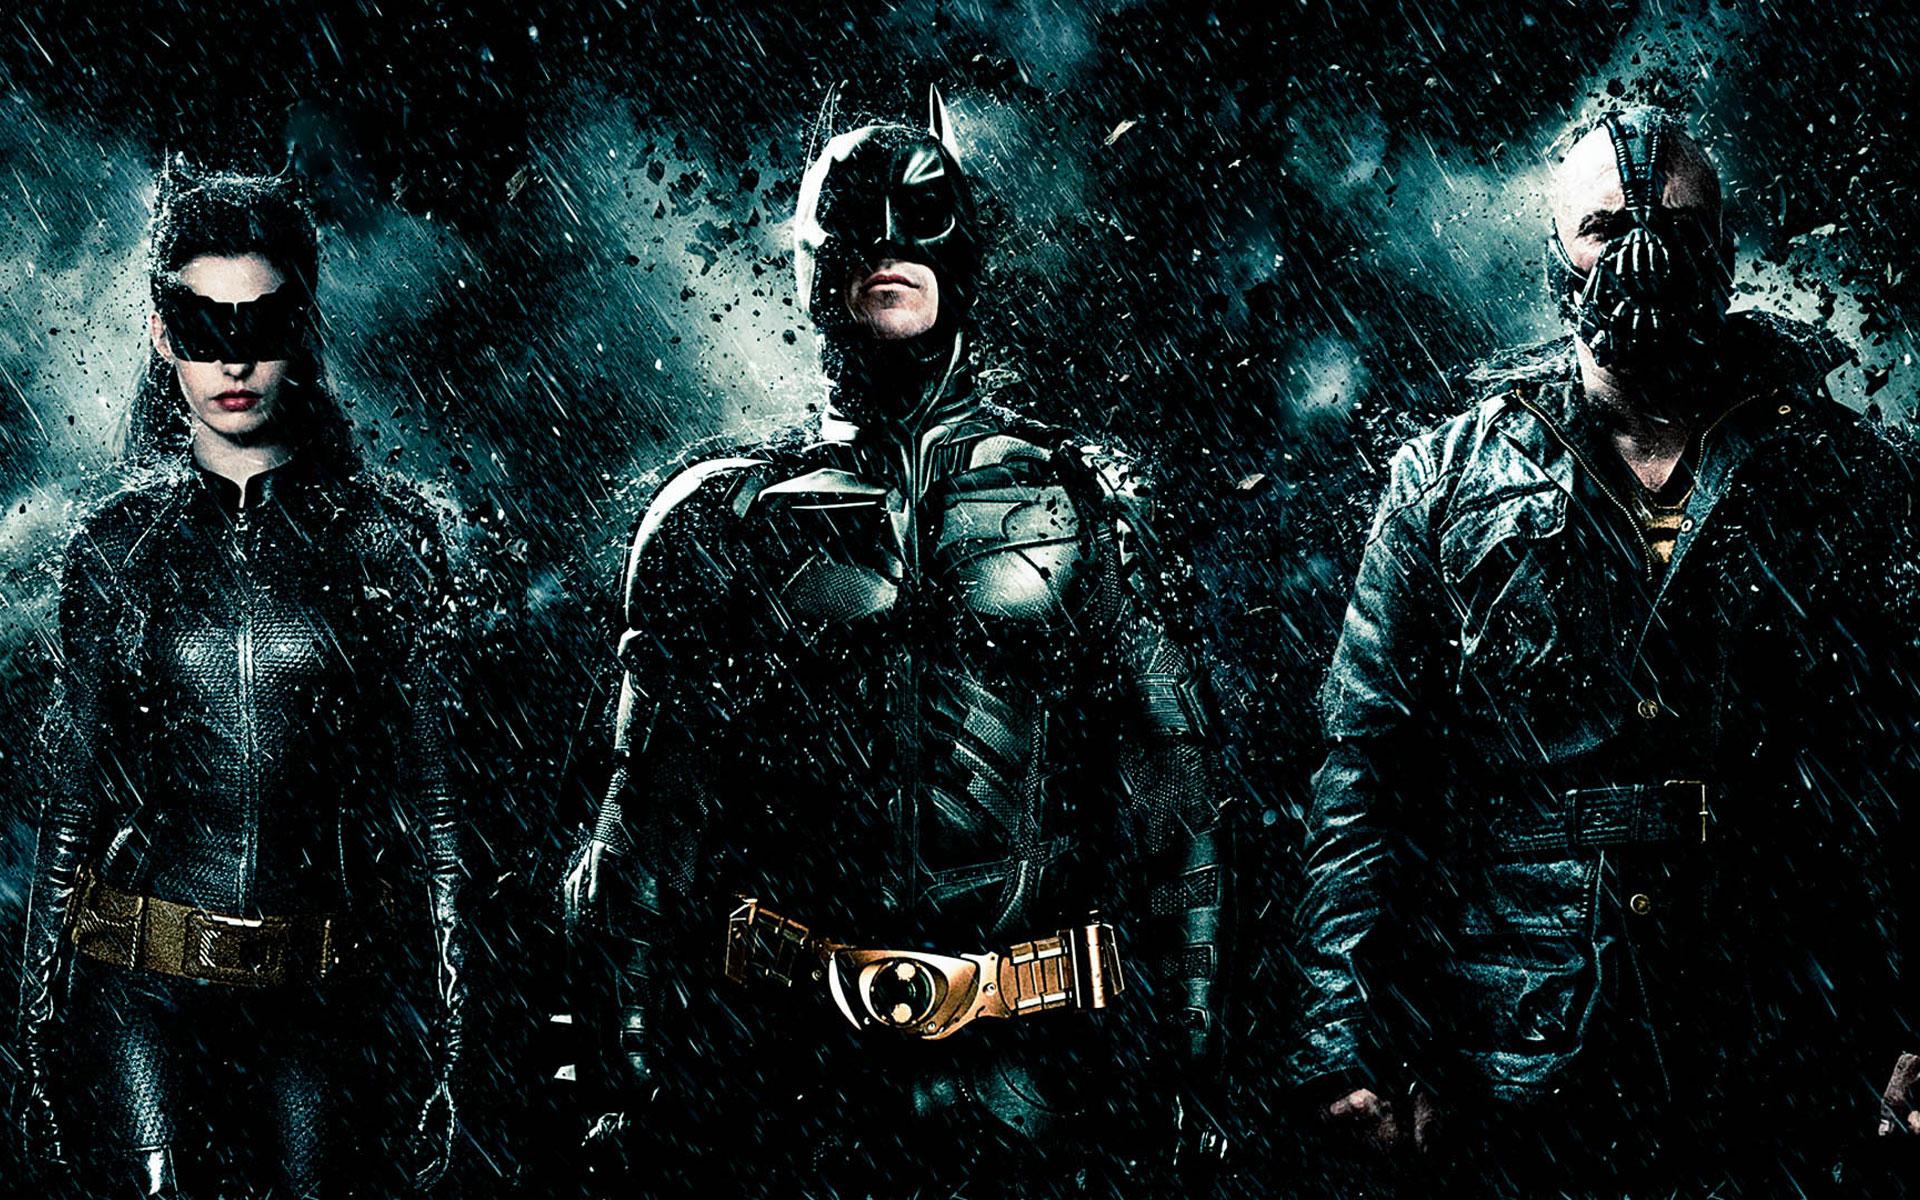 HD Wallpaper   Background ID:291117. 1920x1200 Movie The Dark Knight Rises